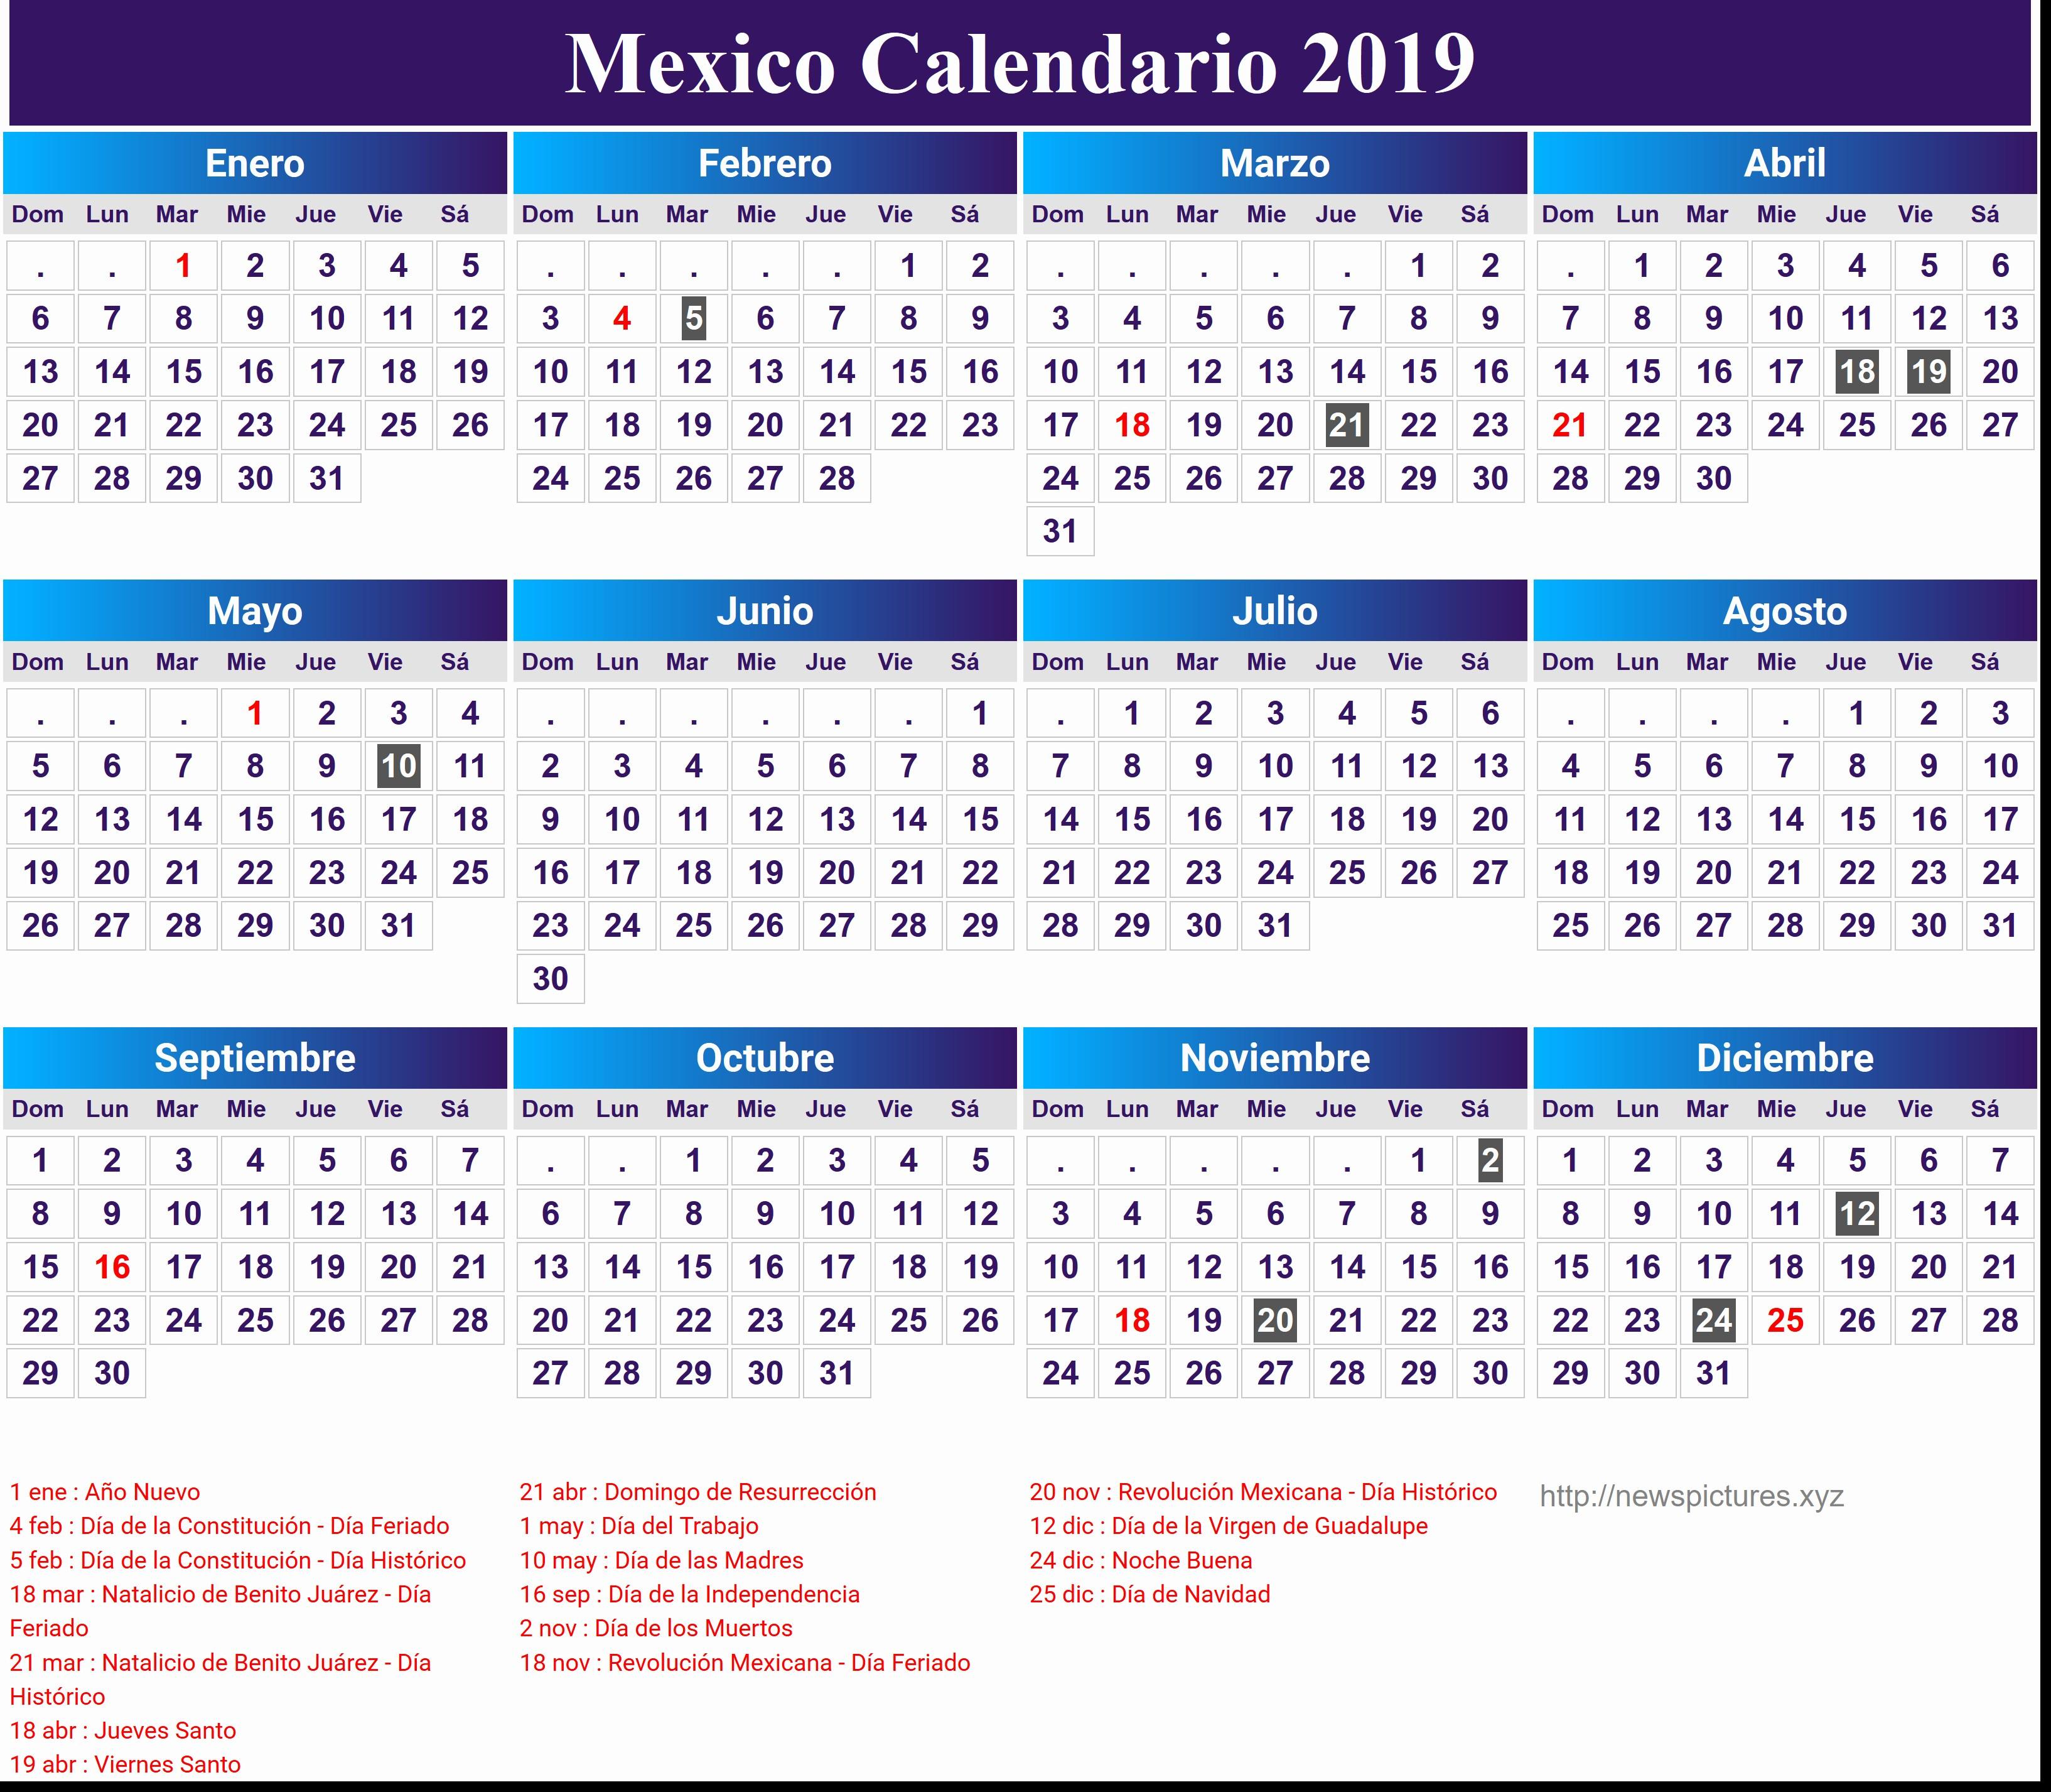 Runedia Calendario De Carreras 2019 Mexico Calendario 2019 Newspictures Xyz calendario 2019 para imprimir